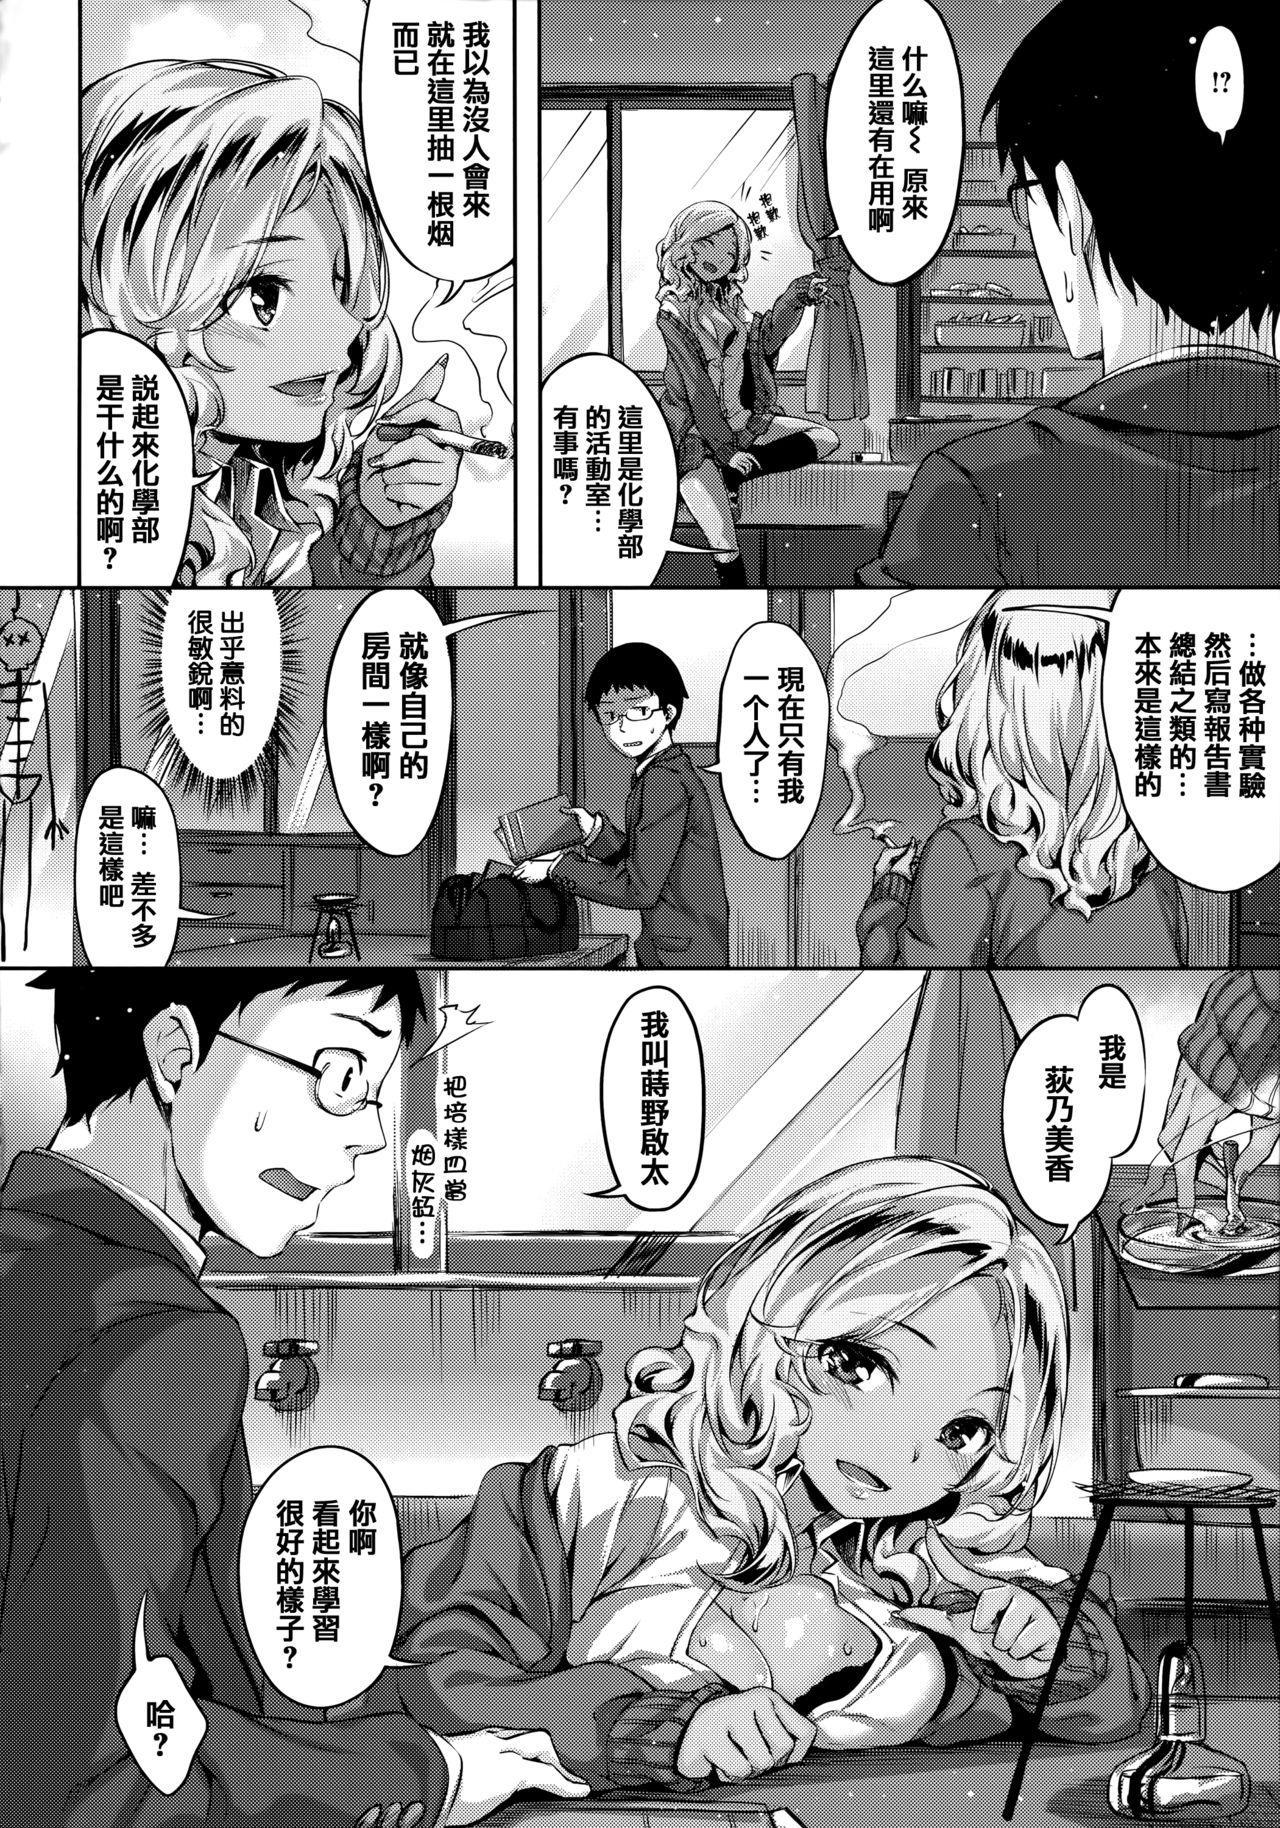 Zutto Daisuki 100